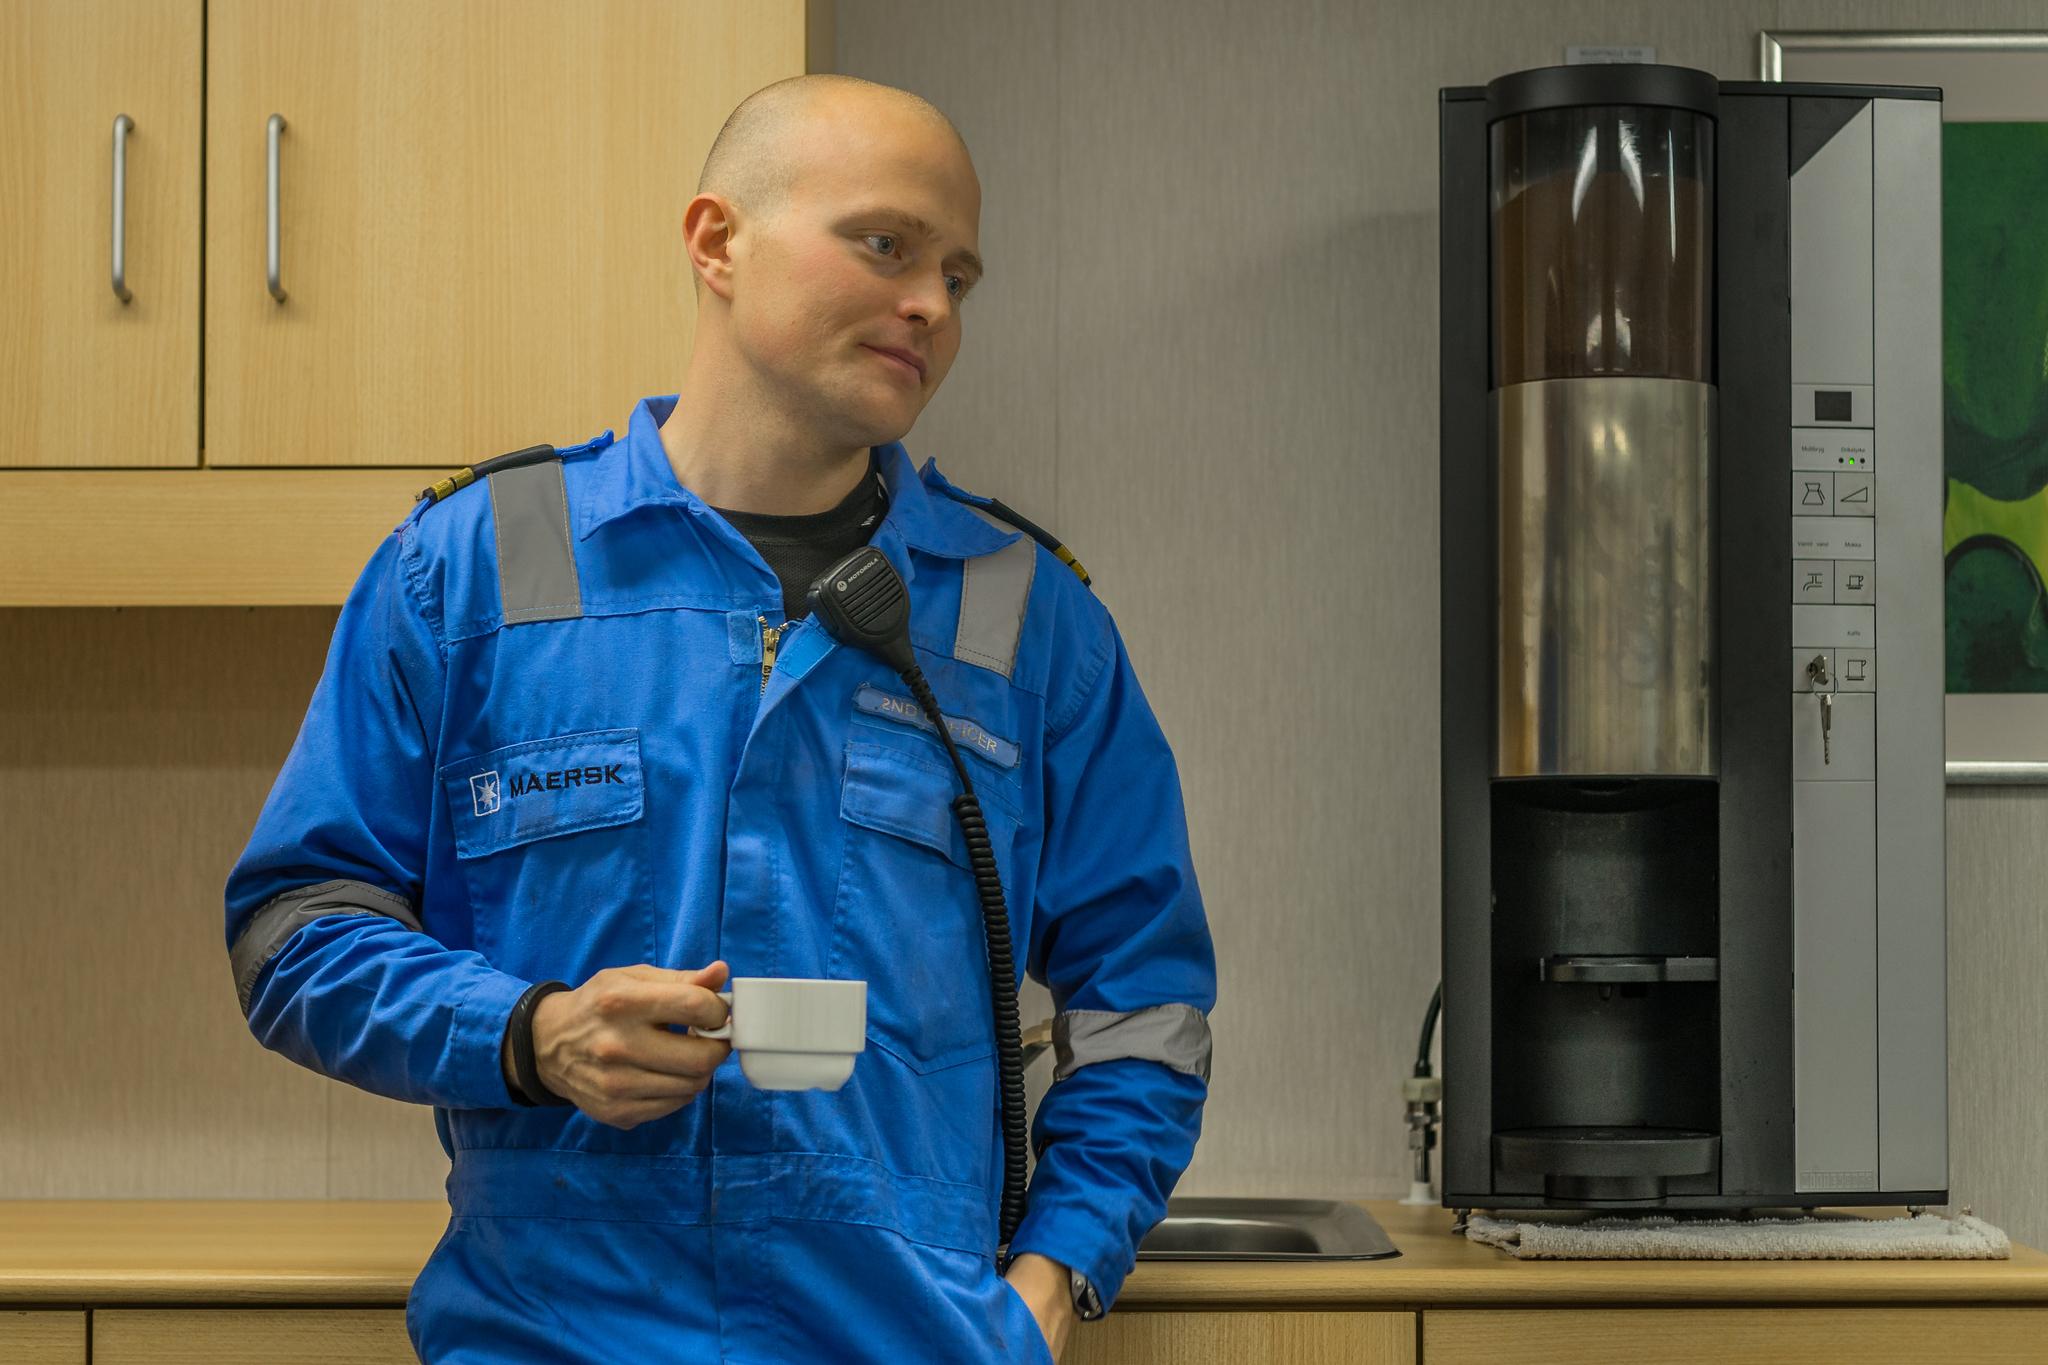 Niels Moldrup, II oficer, w mesie na pokładzie A Mayview Maersk (fot. Robert Urbaniak)